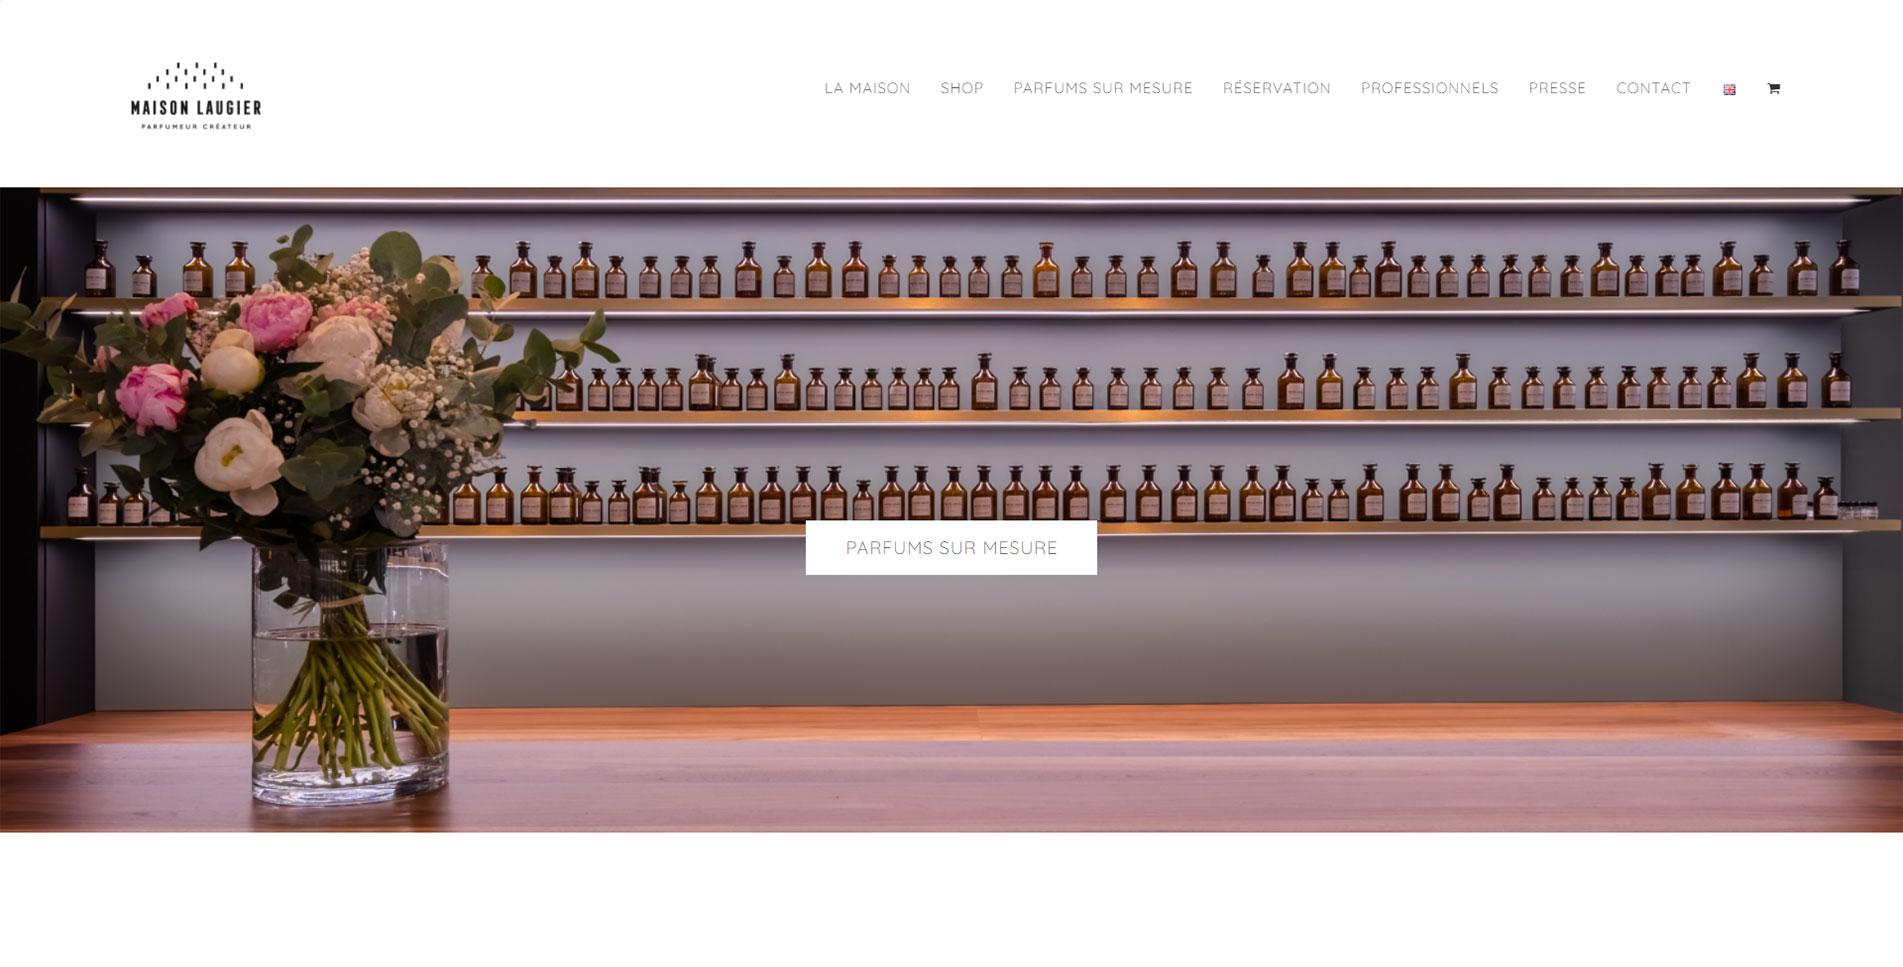 Image de la page d'accueil du site Maison Laugier